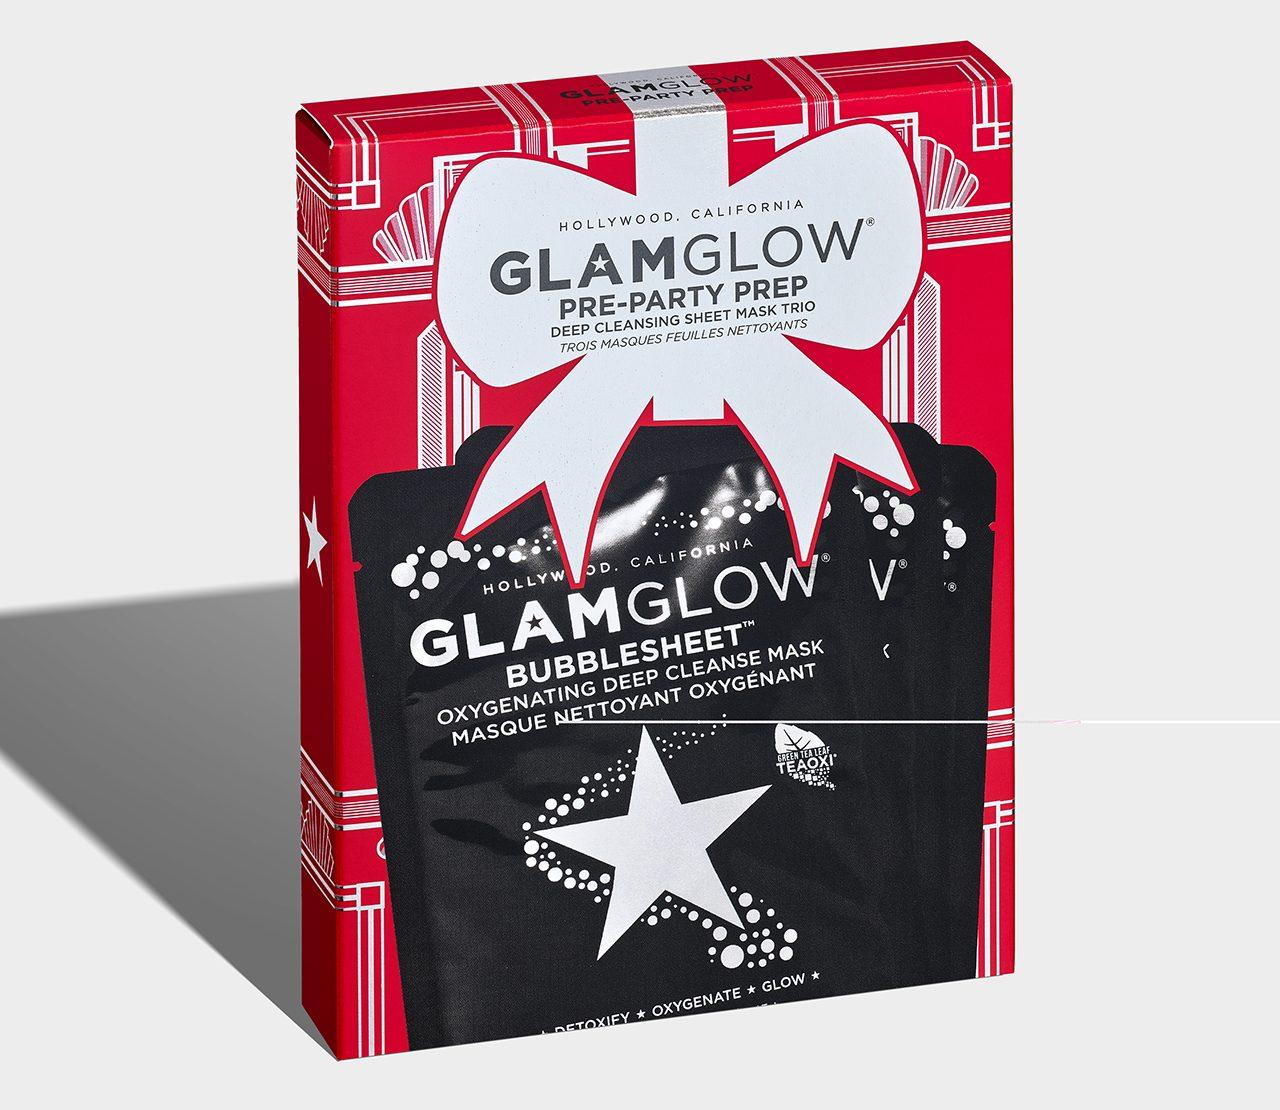 Glamglow Holiday Collection - Cofanetti regalo Natale 2020 - Info recensione prezzo dove acquistare - Pre-Party Prep Skin